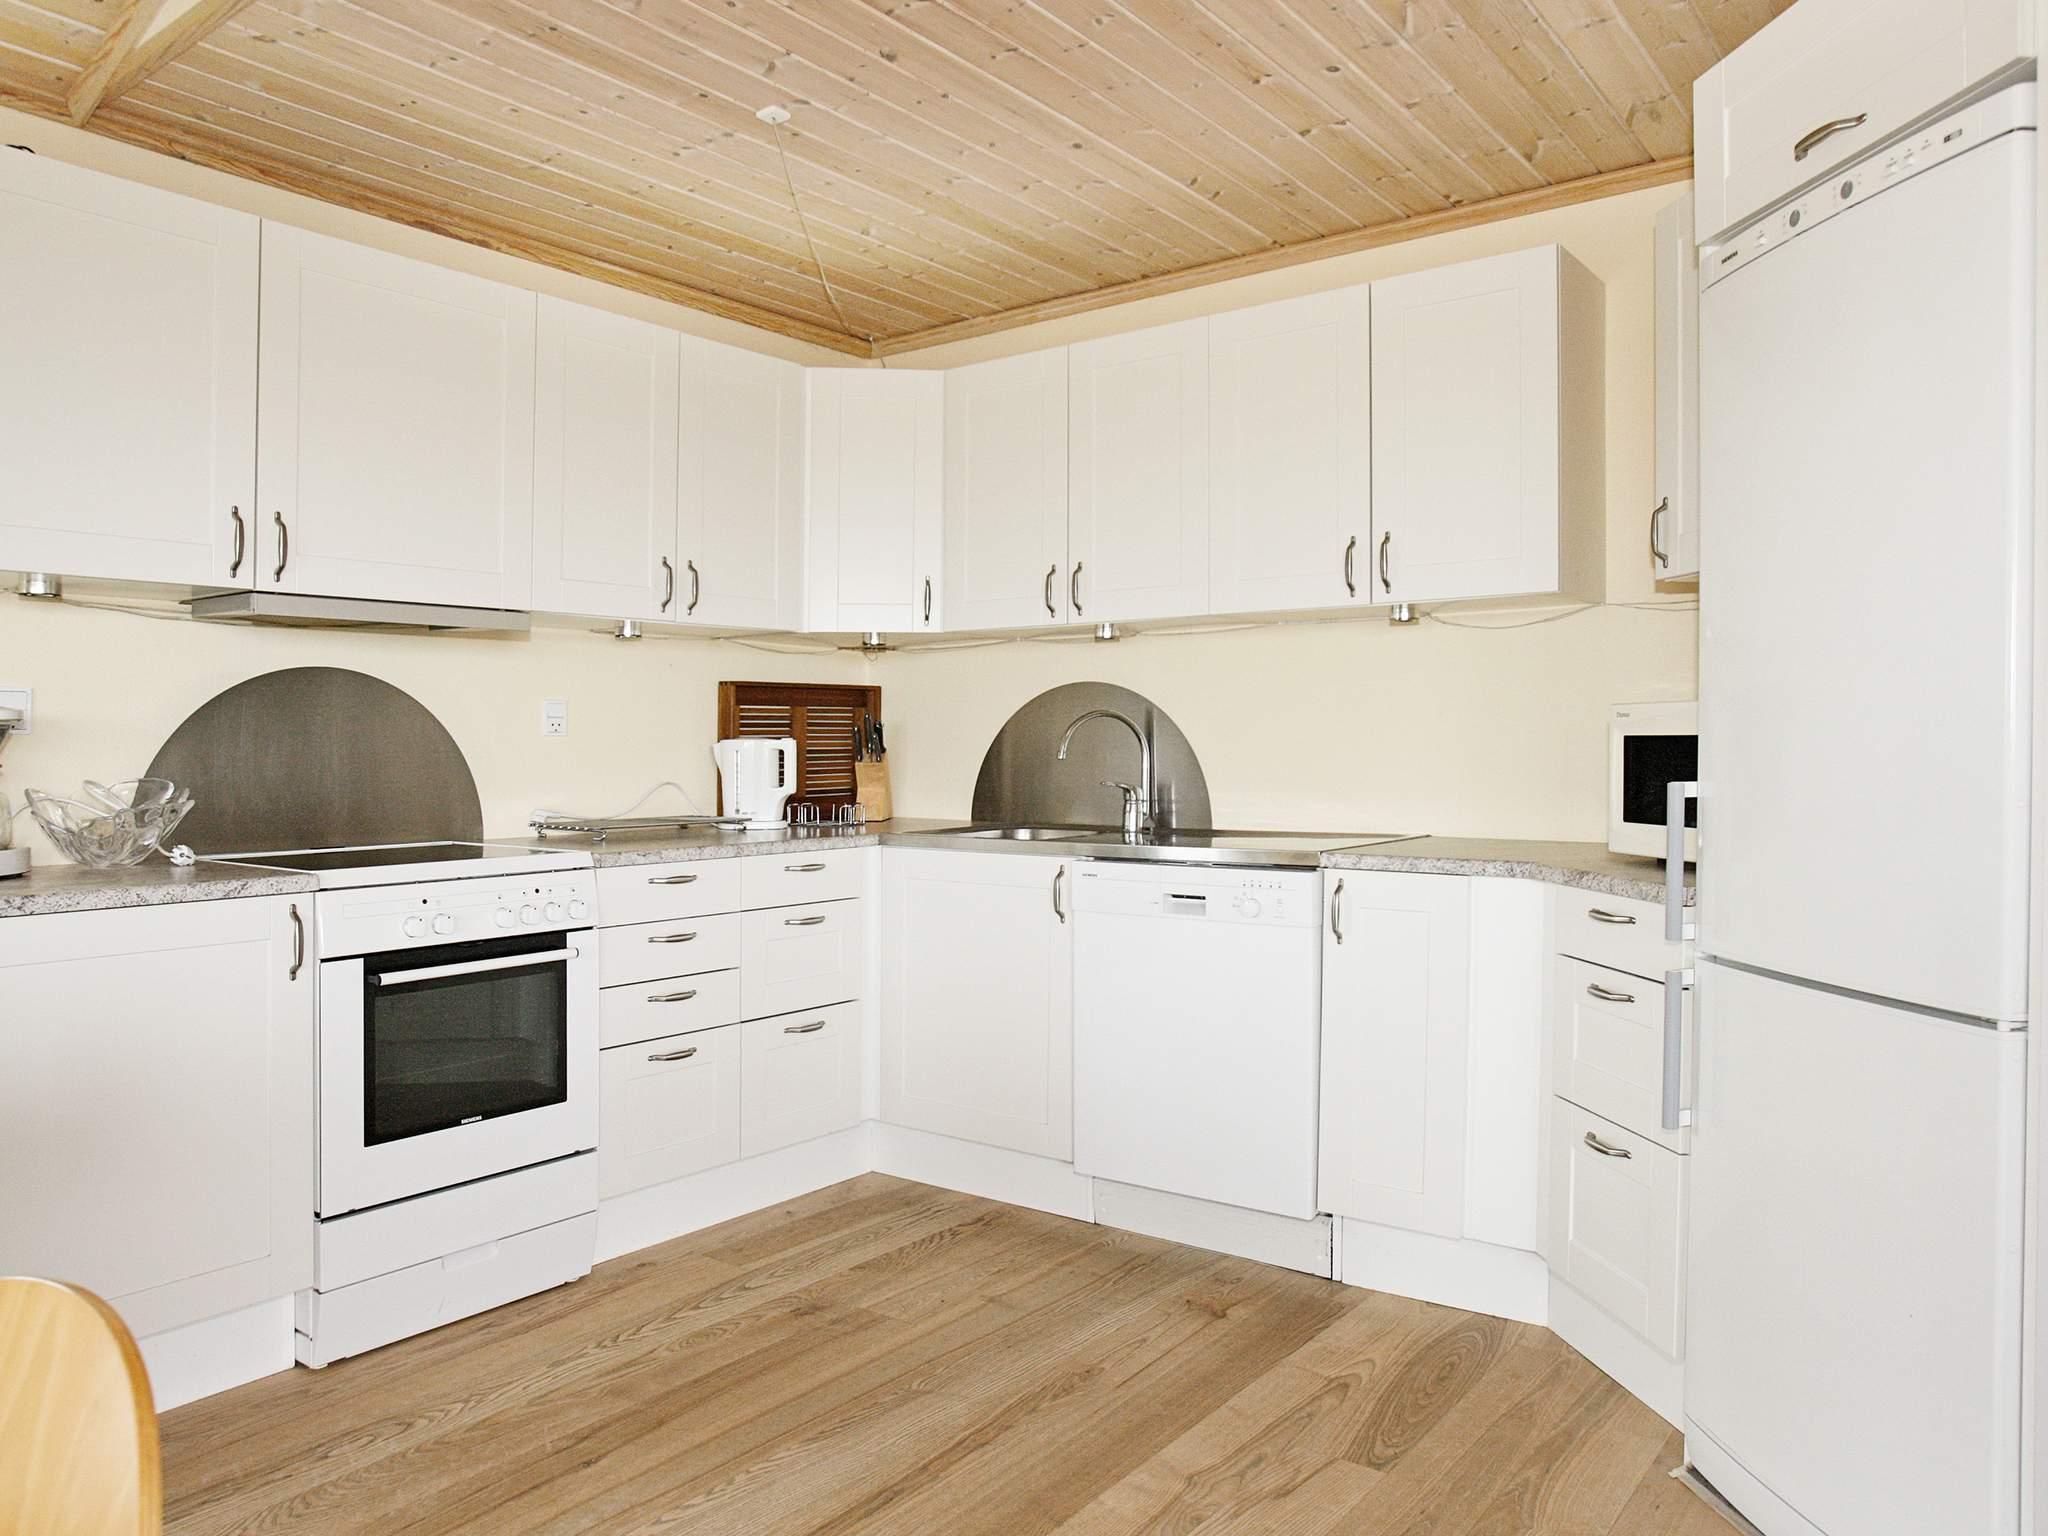 Ferienhaus Kærgården (921042), Vestervig, , Limfjord, Dänemark, Bild 6